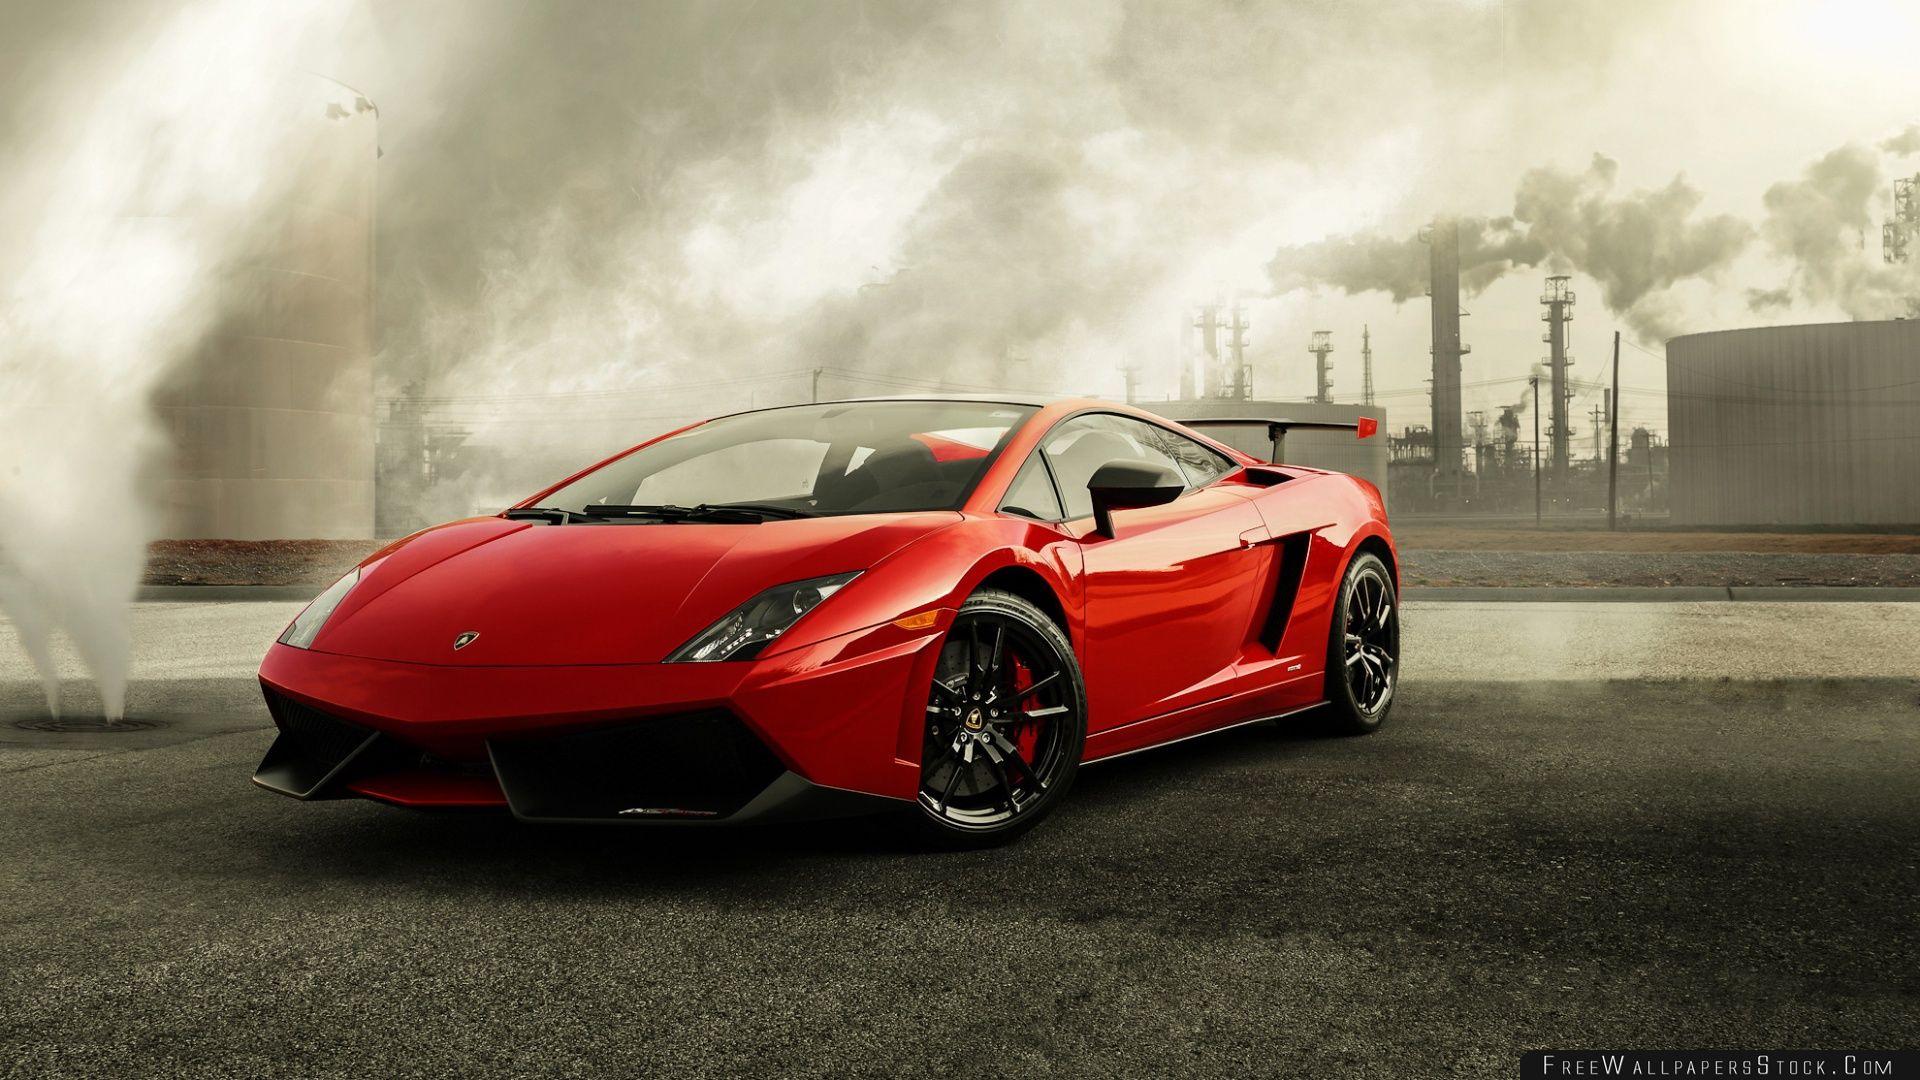 Download Free Wallpaper Red Lamborghini Gallardo